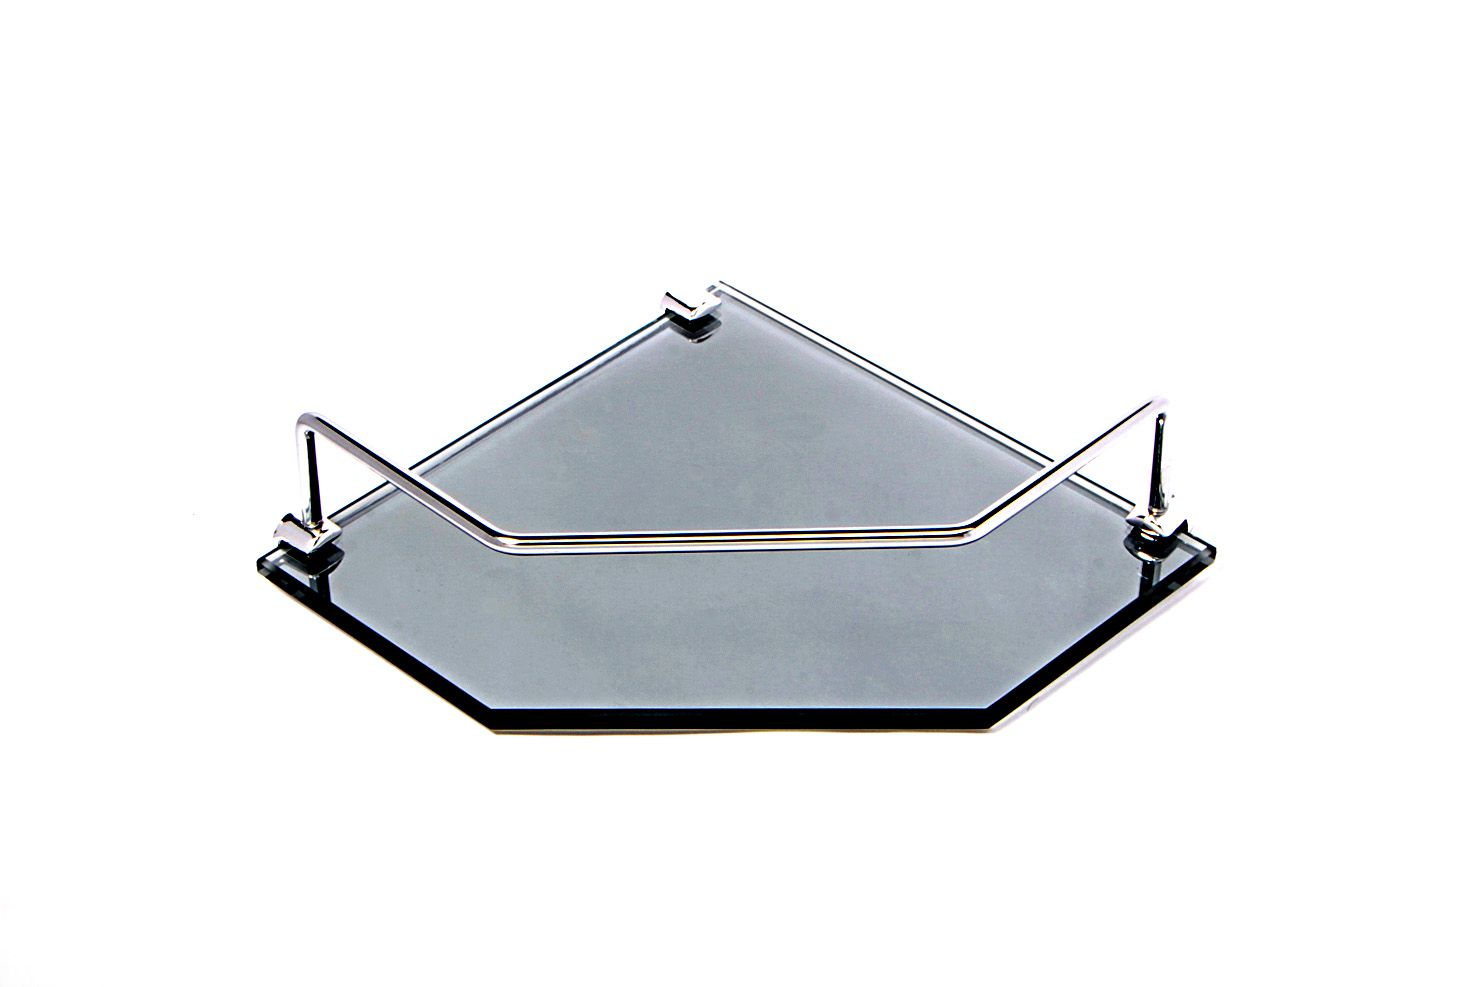 Porta Shampoo de Canto Reto em Vidro Refletivo Lapidado - Aquabox  - 20cmx20cmx8mm